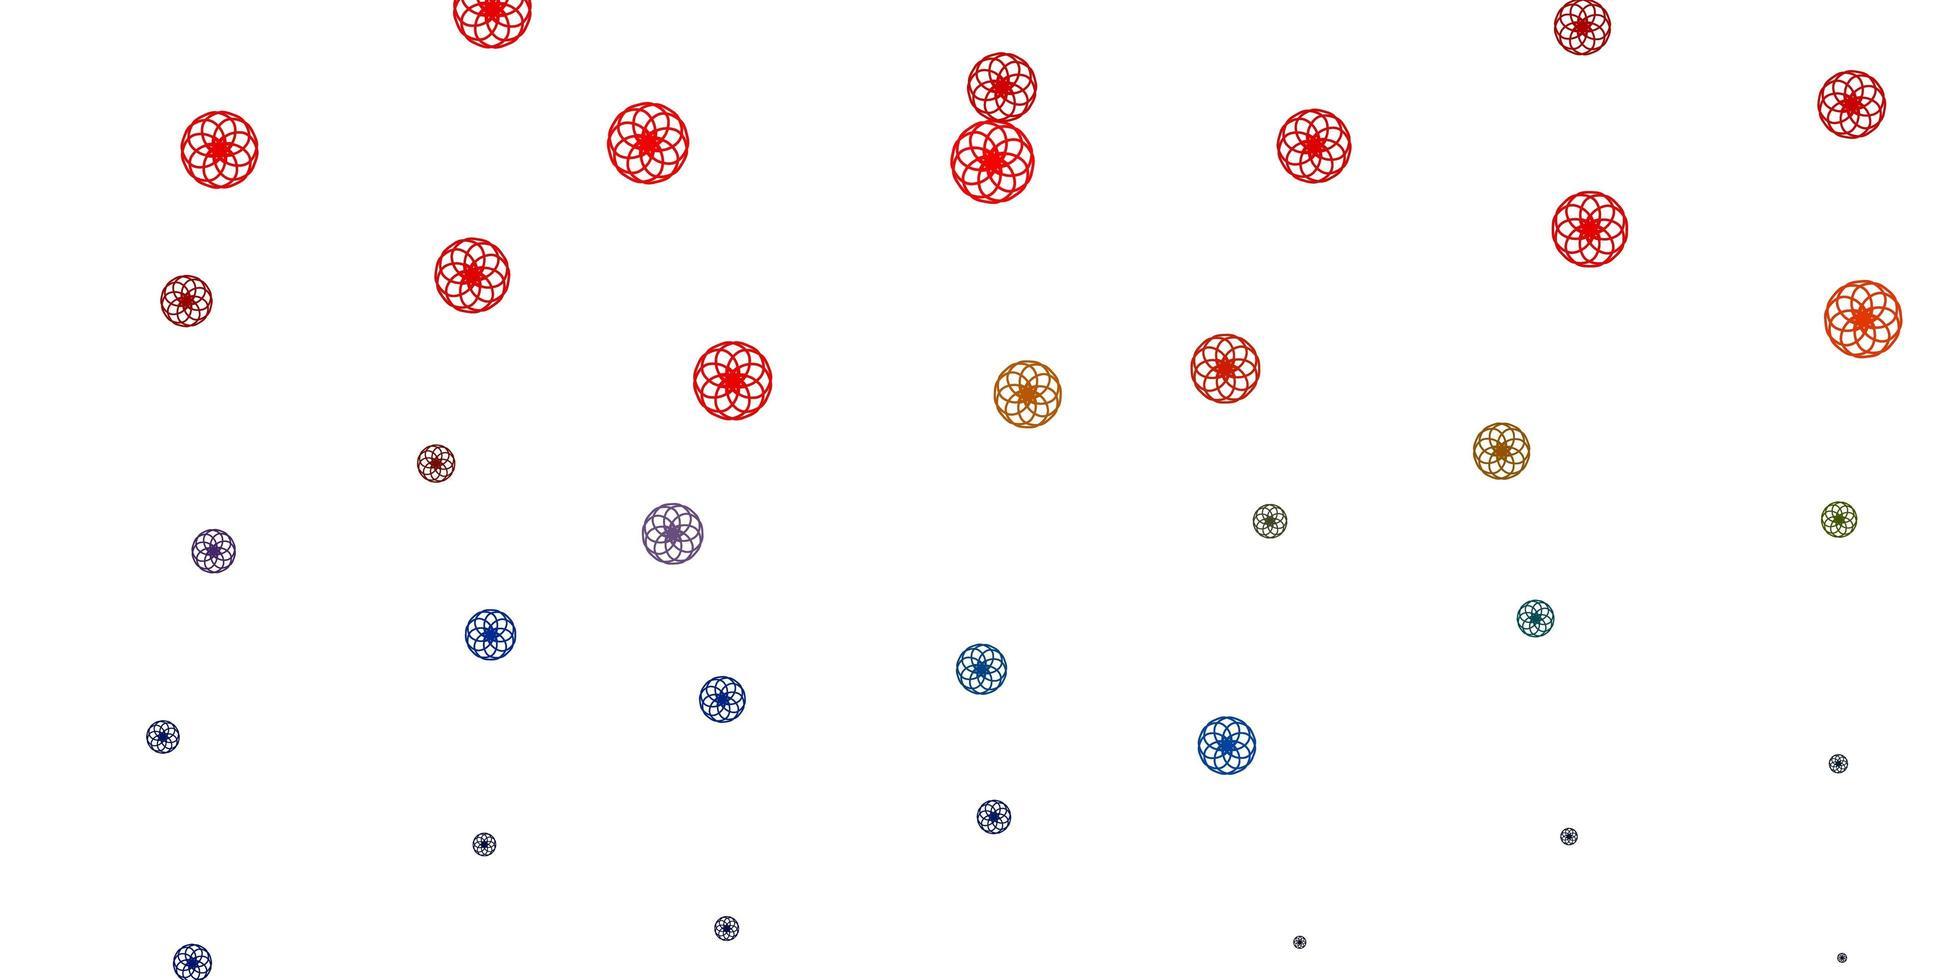 padrão azul claro, vermelho com esferas. vetor